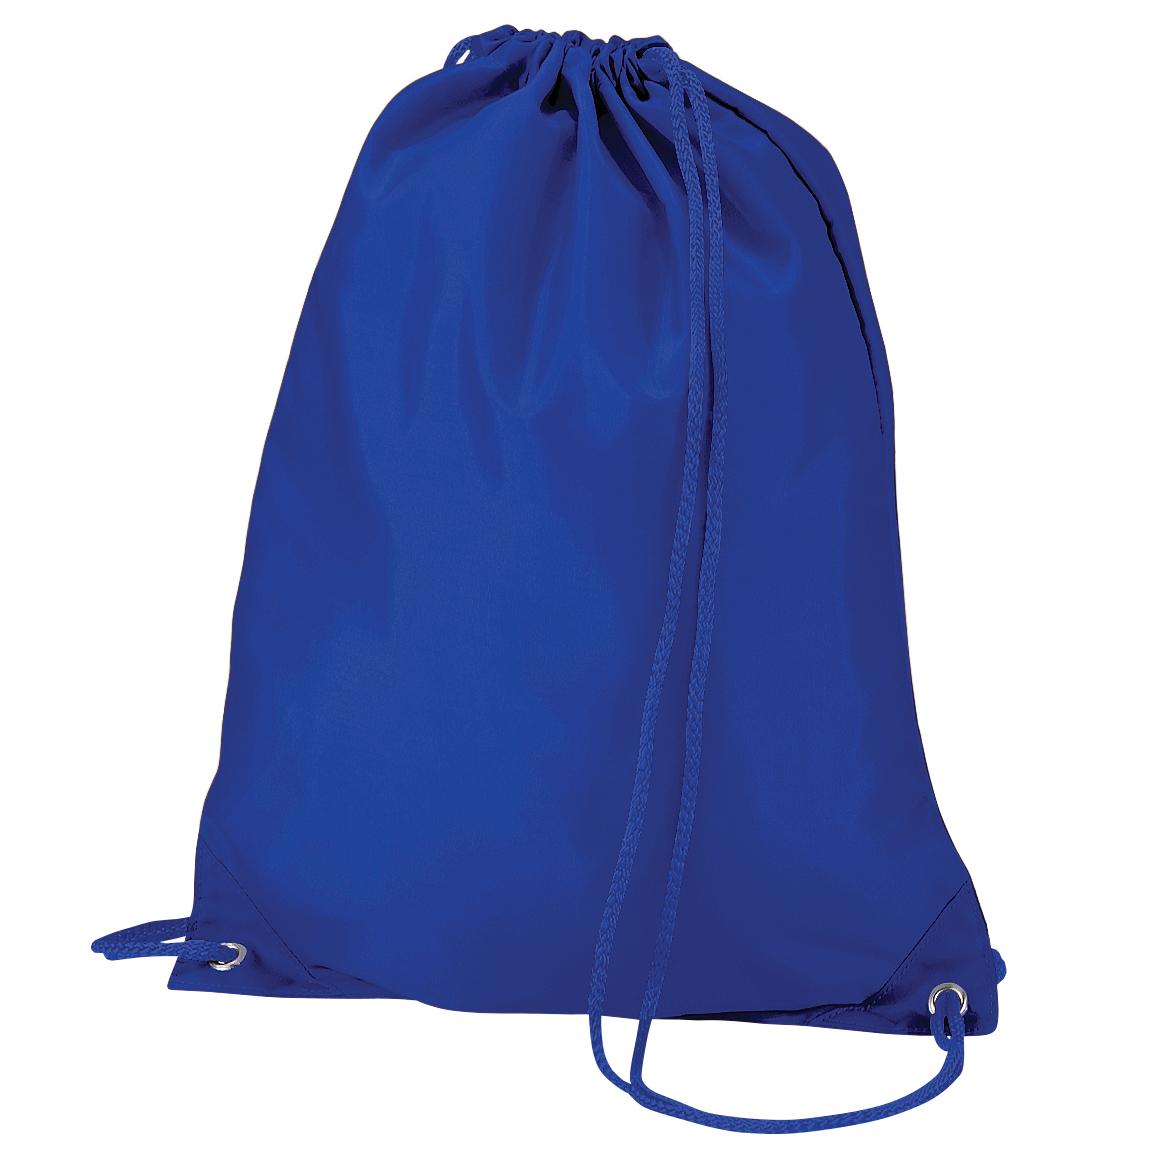 Quadra Gymsac Shoulder Carry Bag - 7 Litres (One Size) (Bright Royal)